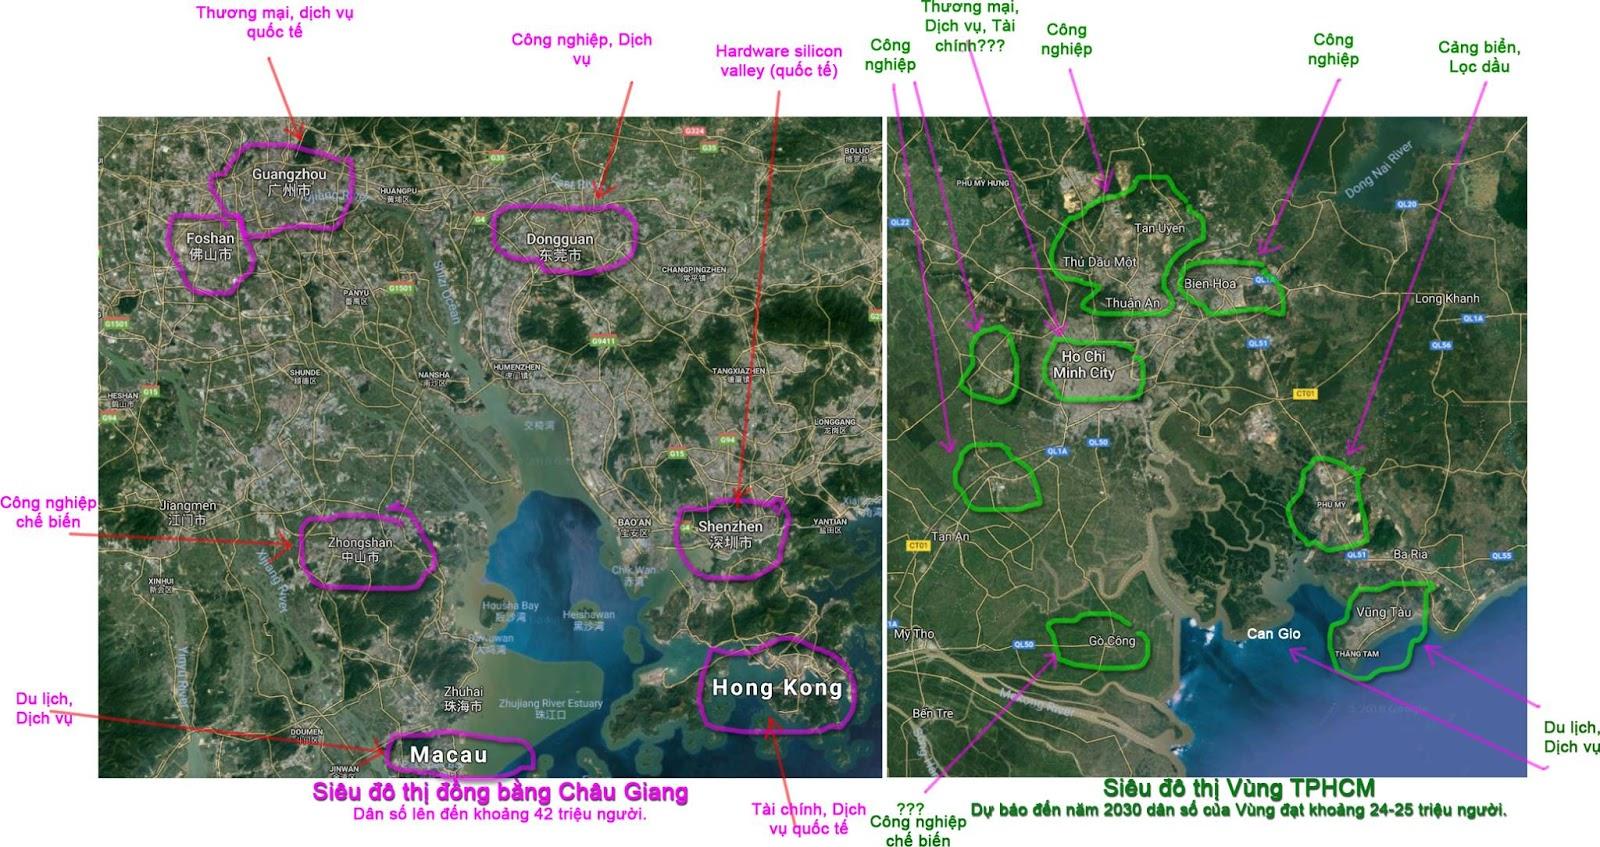 Mô tả so sánh sự tương đồng giữa hai vùng đô thị